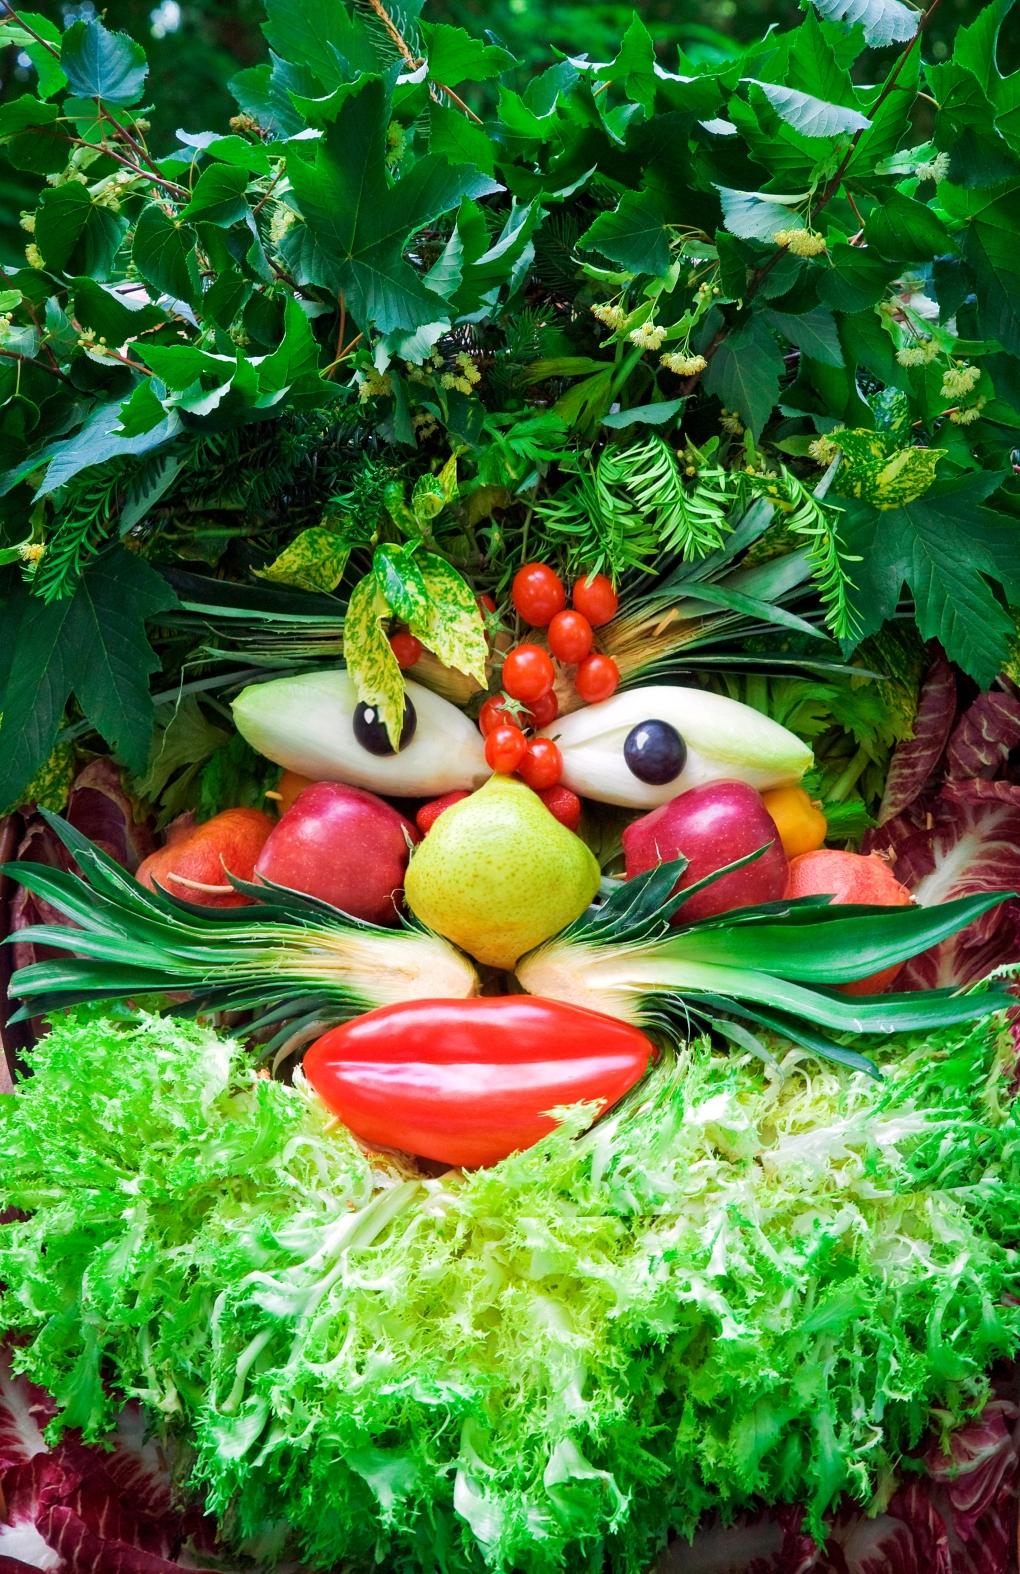 Byt ut chipsen mot frukt och grönt - endast fantasin sätter gränser!